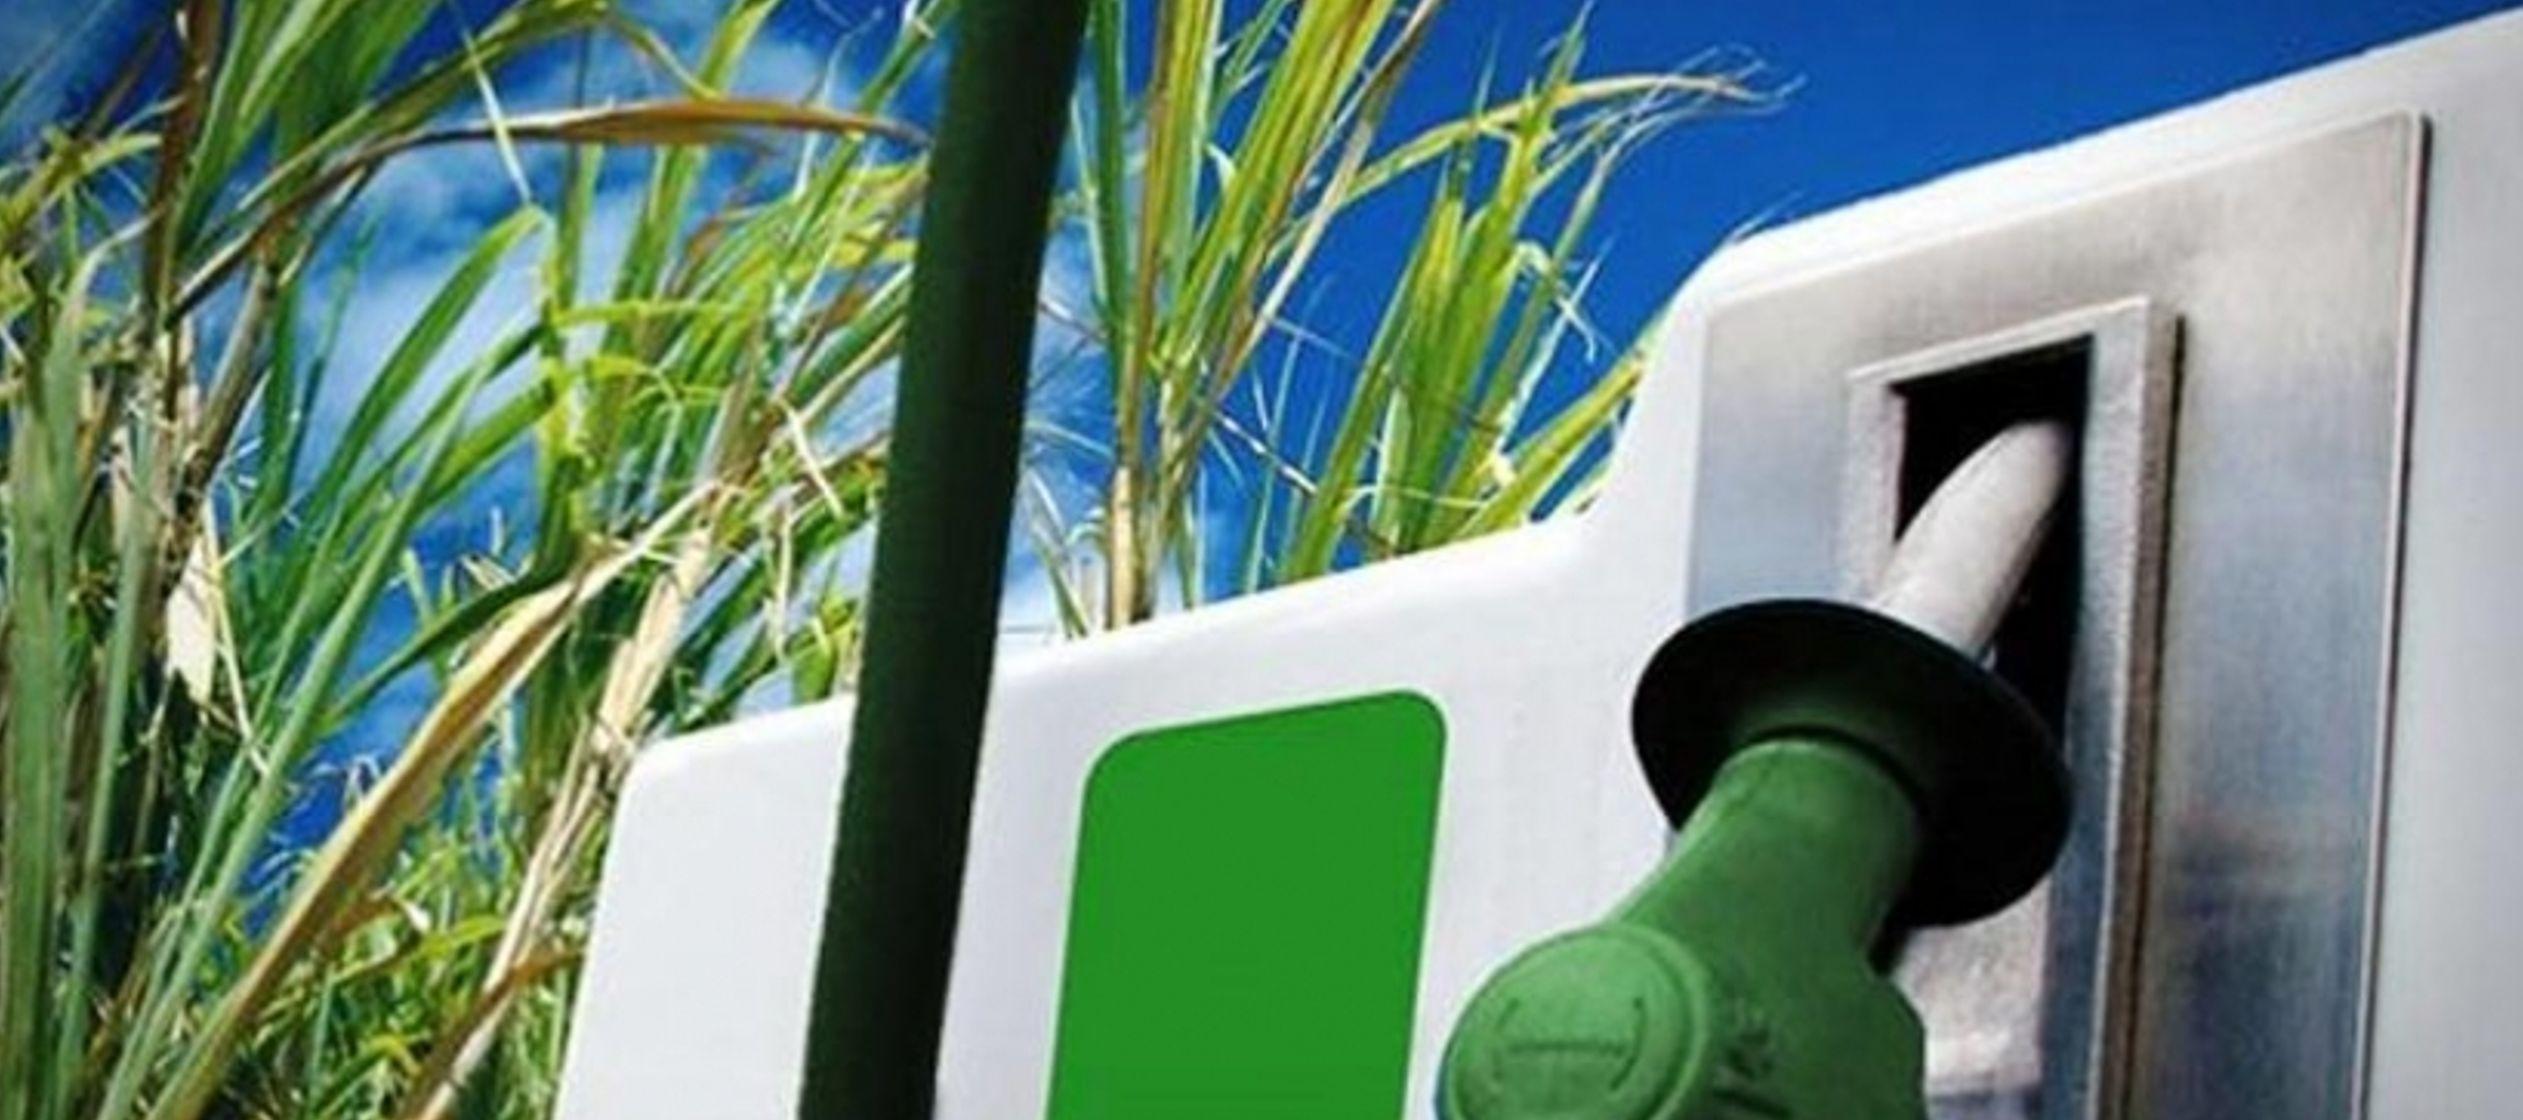 La producción de etanol de Brasil podría duplicarse al 2030 gracias a crecientes...